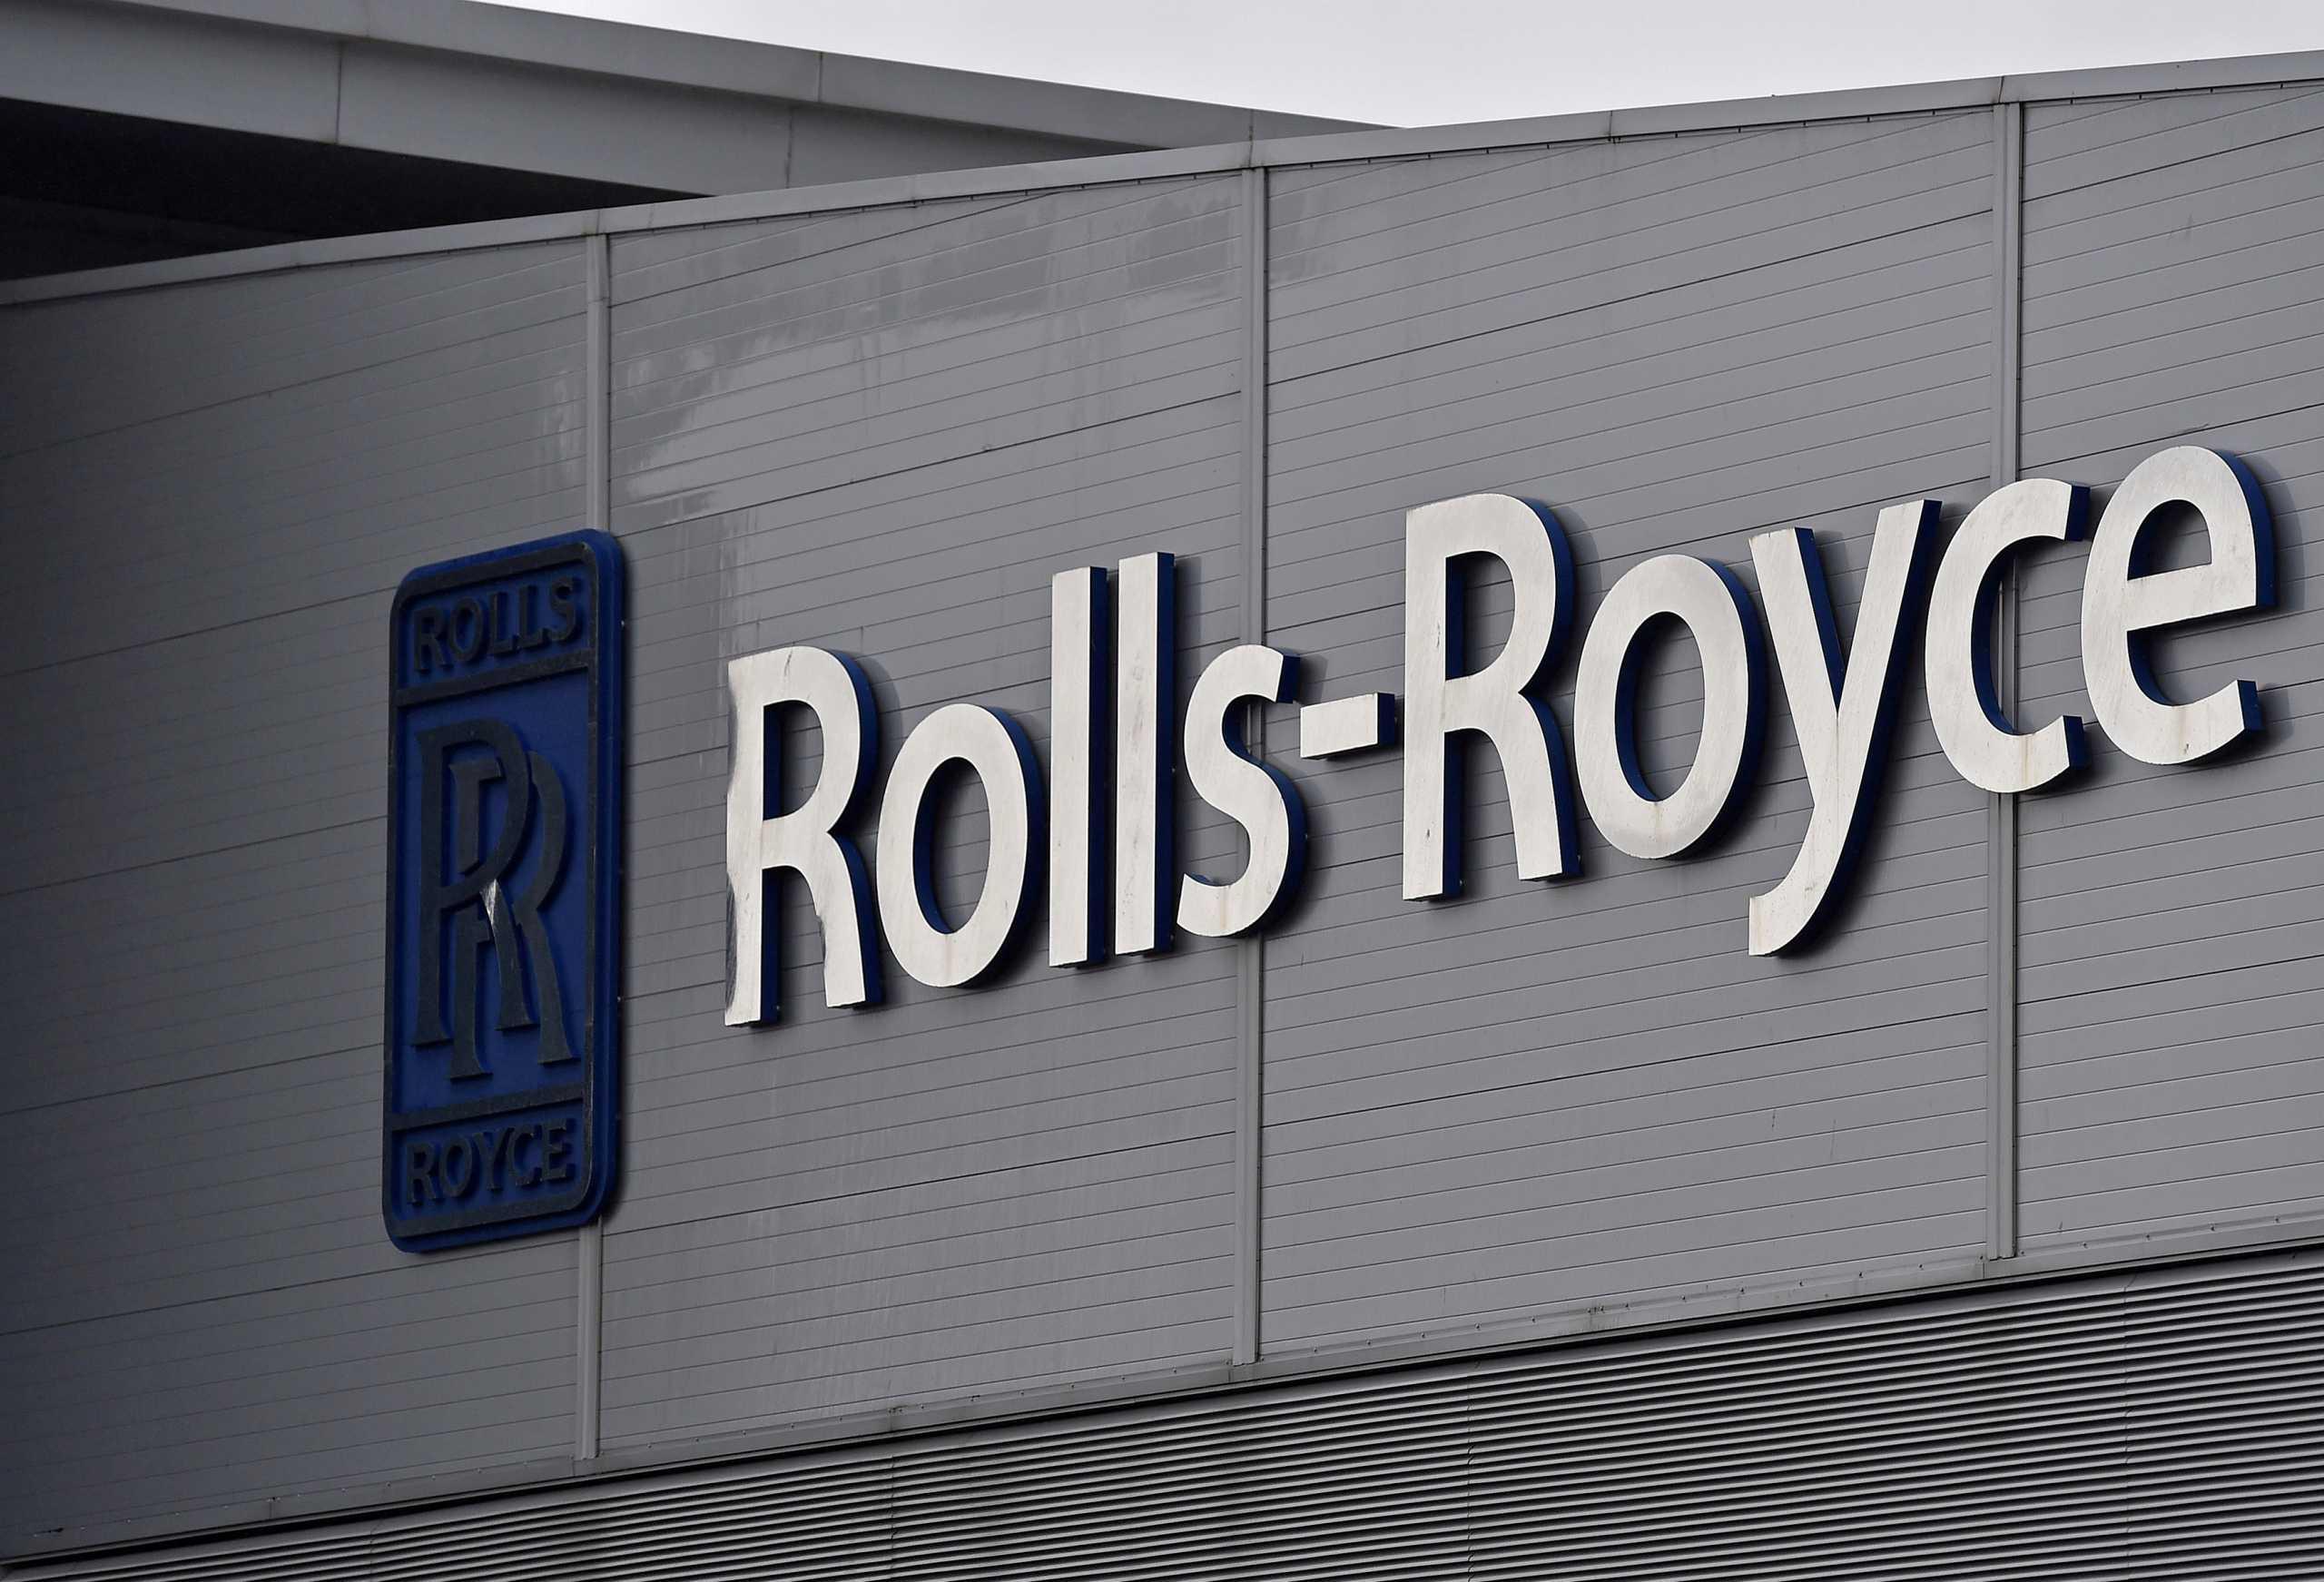 Η Νορβηγία μπλοκάρει την πώληση θυγατρικής της Rolls -Royce σε ρωσικό όμιλο